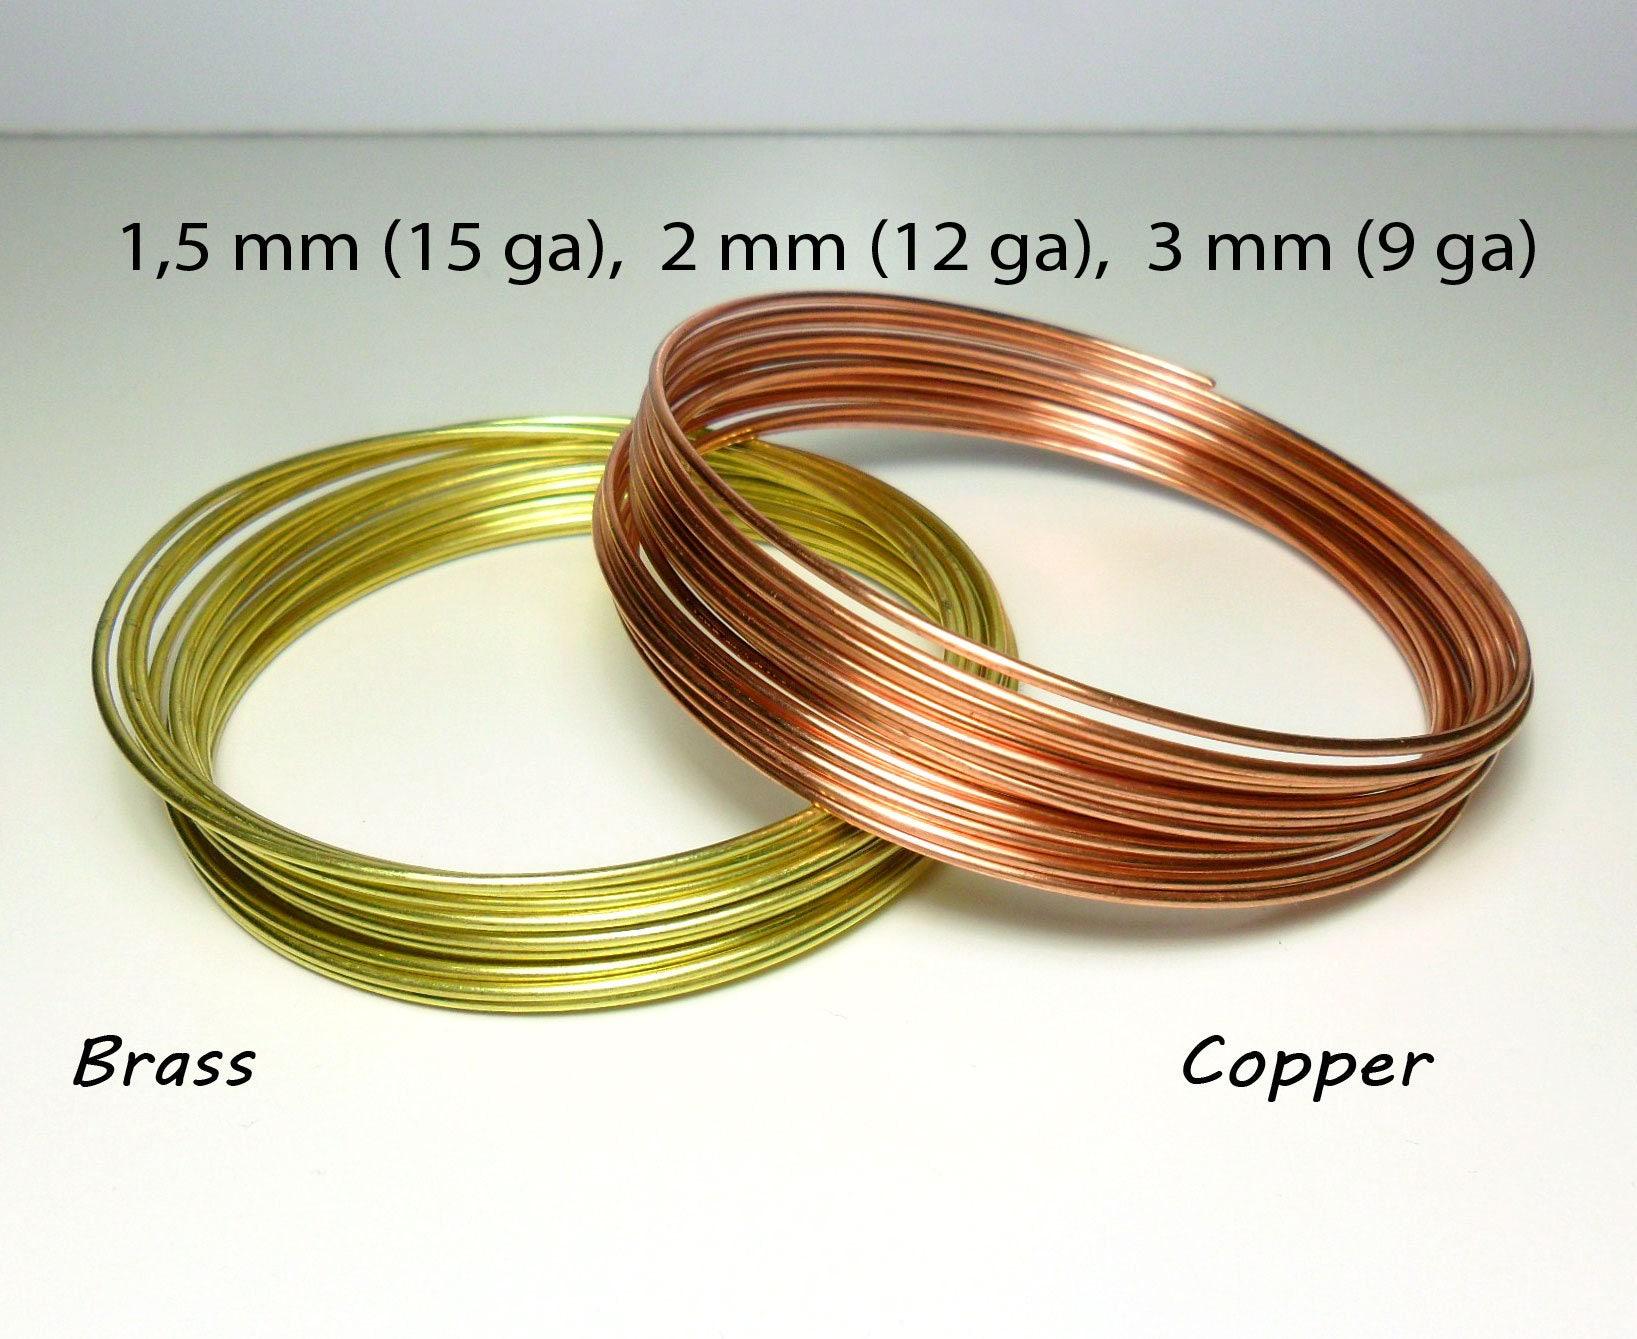 Weiche Runde Kupferdraht Messing Draht 15 mm / 15 gauge 2 mm